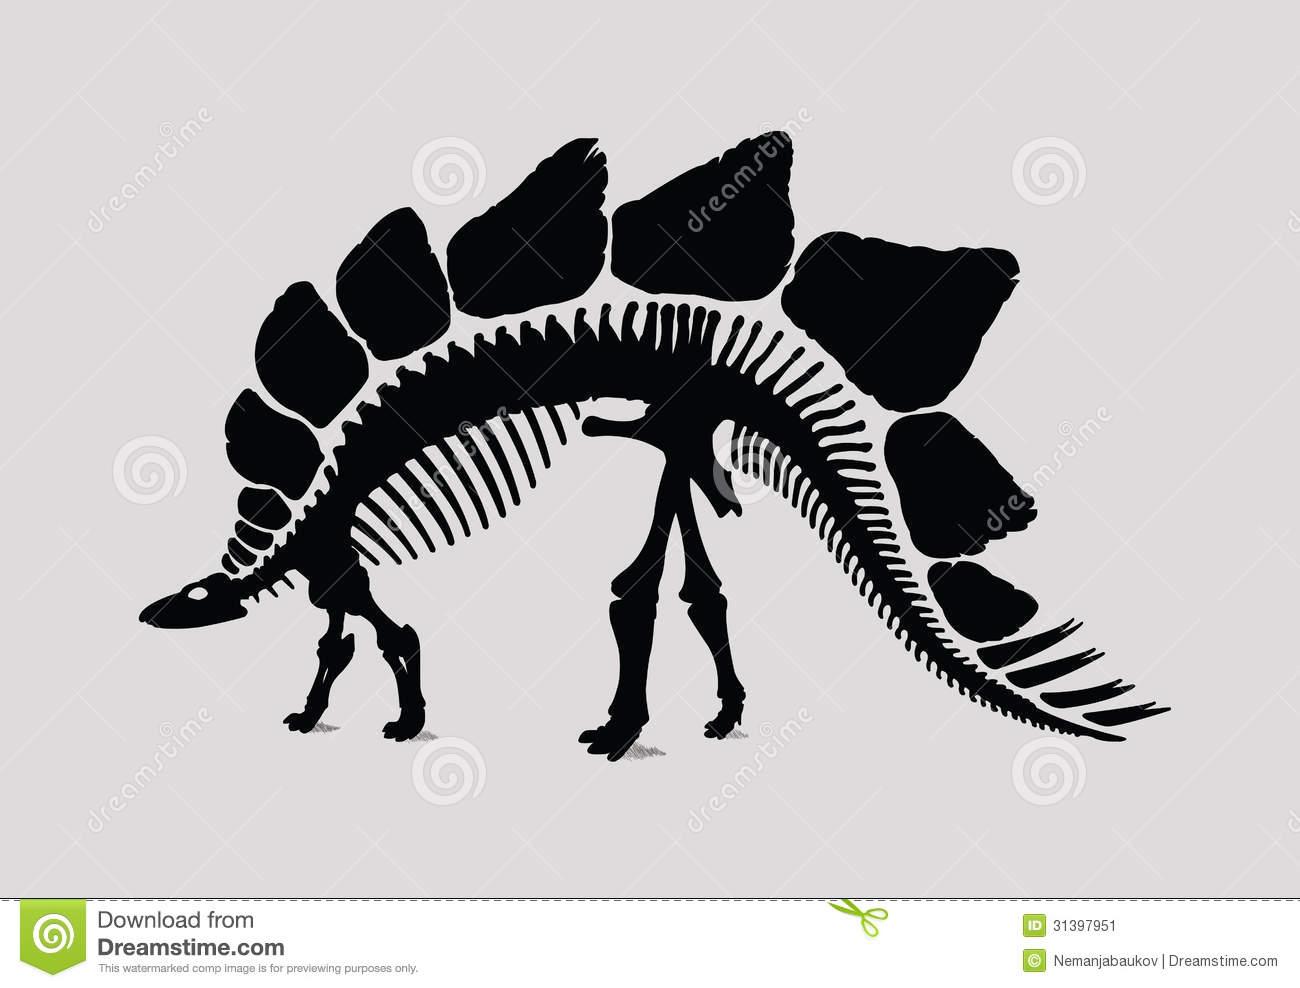 Sleleton clipart silhouette Over Photos Dinosaur Quality Skeleton